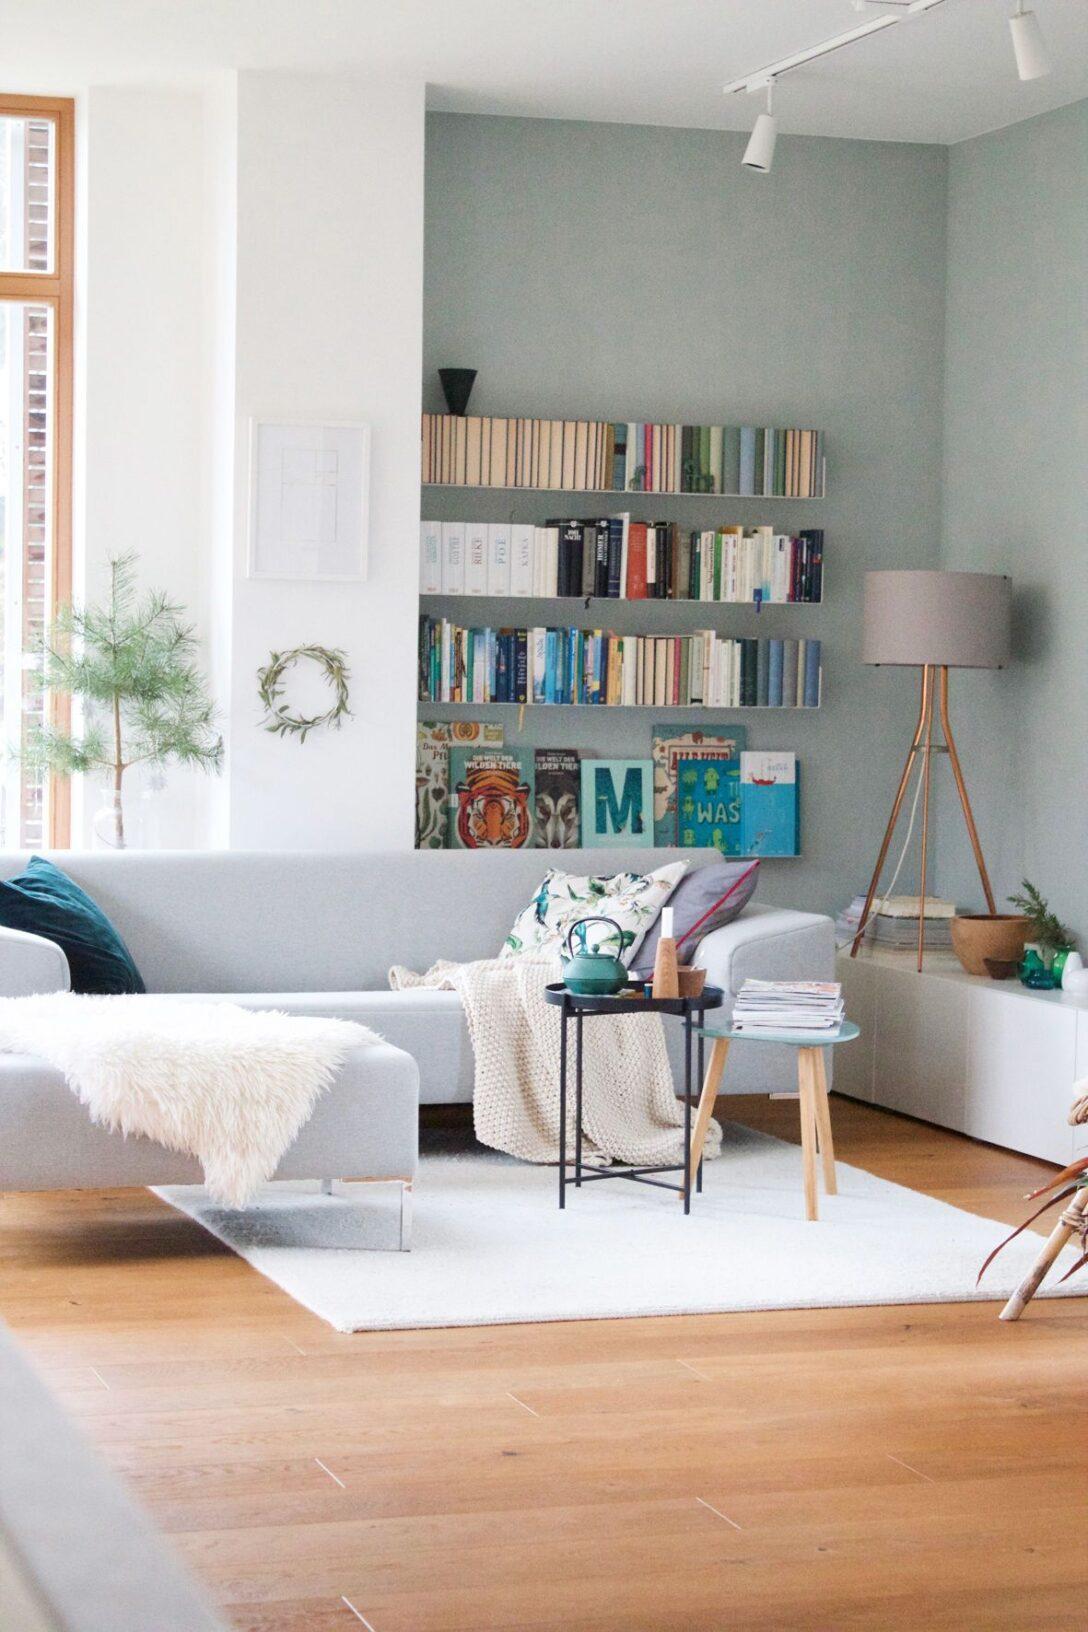 Large Size of Wohnideen Im Skandinavischen Design Und Wohnstil Wohnzimmer Deckenlampen Led Beleuchtung Teppich Deckenleuchte Deckenleuchten Indirekte Moderne Deckenlampe Wohnzimmer Wohnzimmer Wandbilder